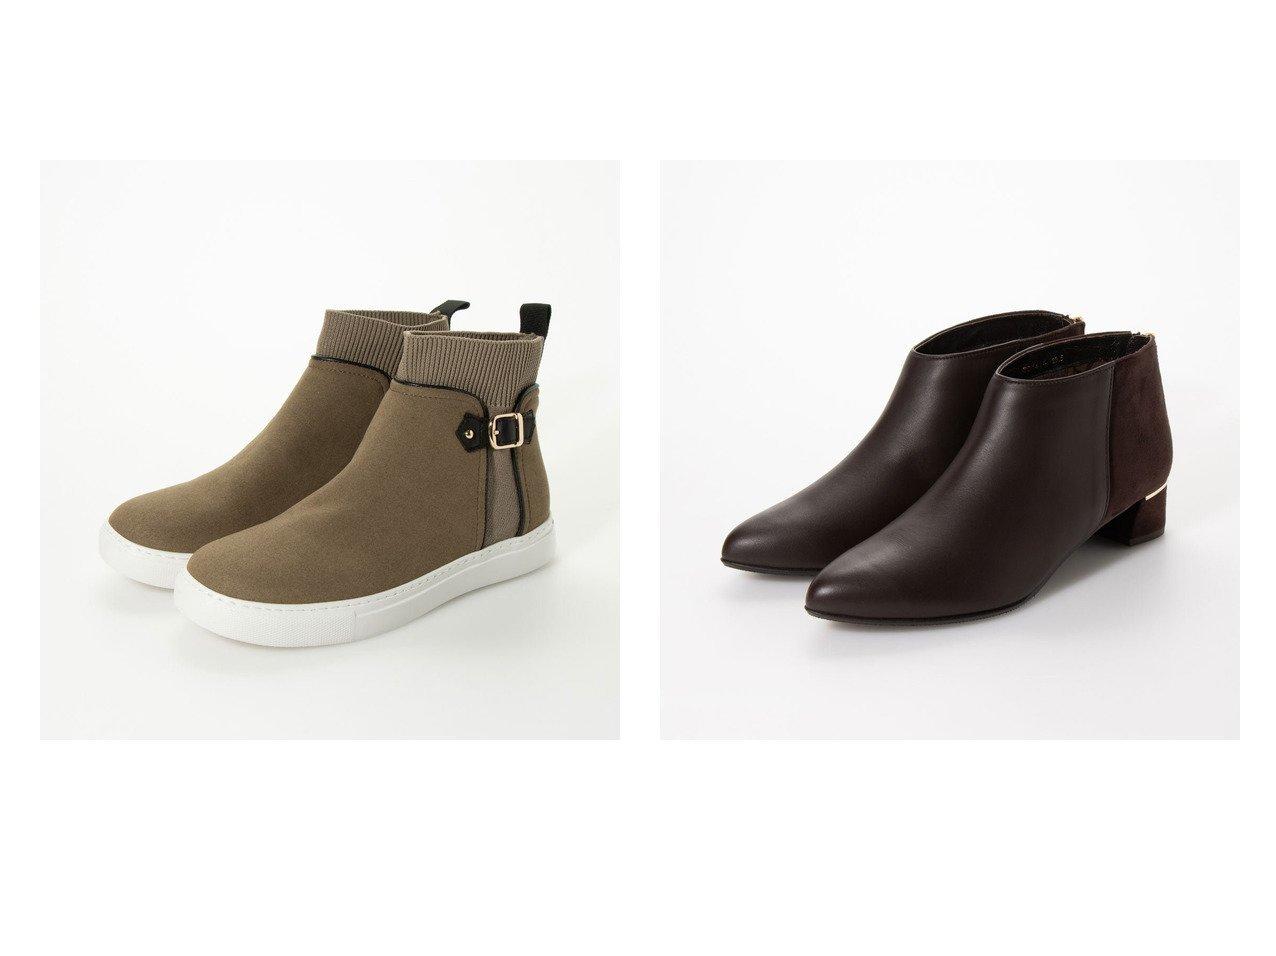 【HIMIKO/卑弥呼】の本革ショートブーツ&【AKAKURA/アカクラ】のスニーカーブーツ シューズ・靴のおすすめ!人気、レディースファッションの通販  おすすめで人気のファッション通販商品 インテリア・家具・キッズファッション・メンズファッション・レディースファッション・服の通販 founy(ファニー) https://founy.com/ ファッション Fashion レディース WOMEN スニーカー ダウン フォルム 人気 軽量 クッション ショート シンプル 抗菌 |ID:crp329100000004107